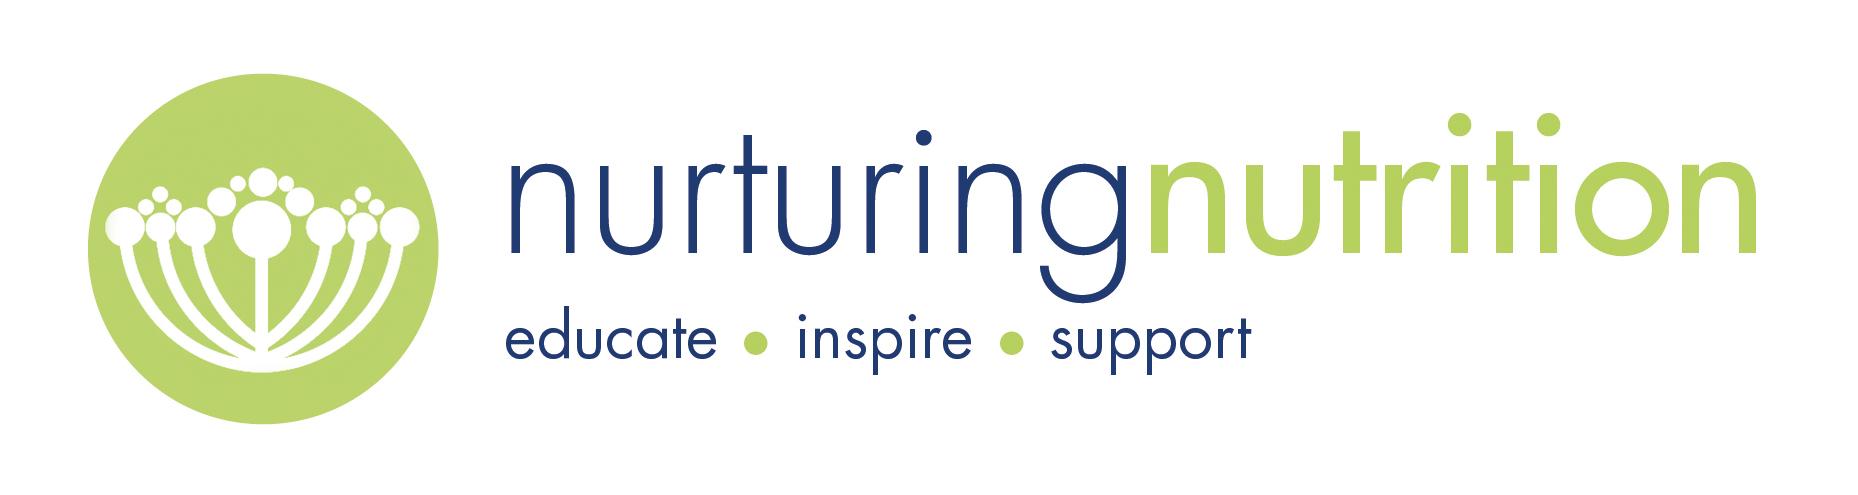 Nurturing Nutrition